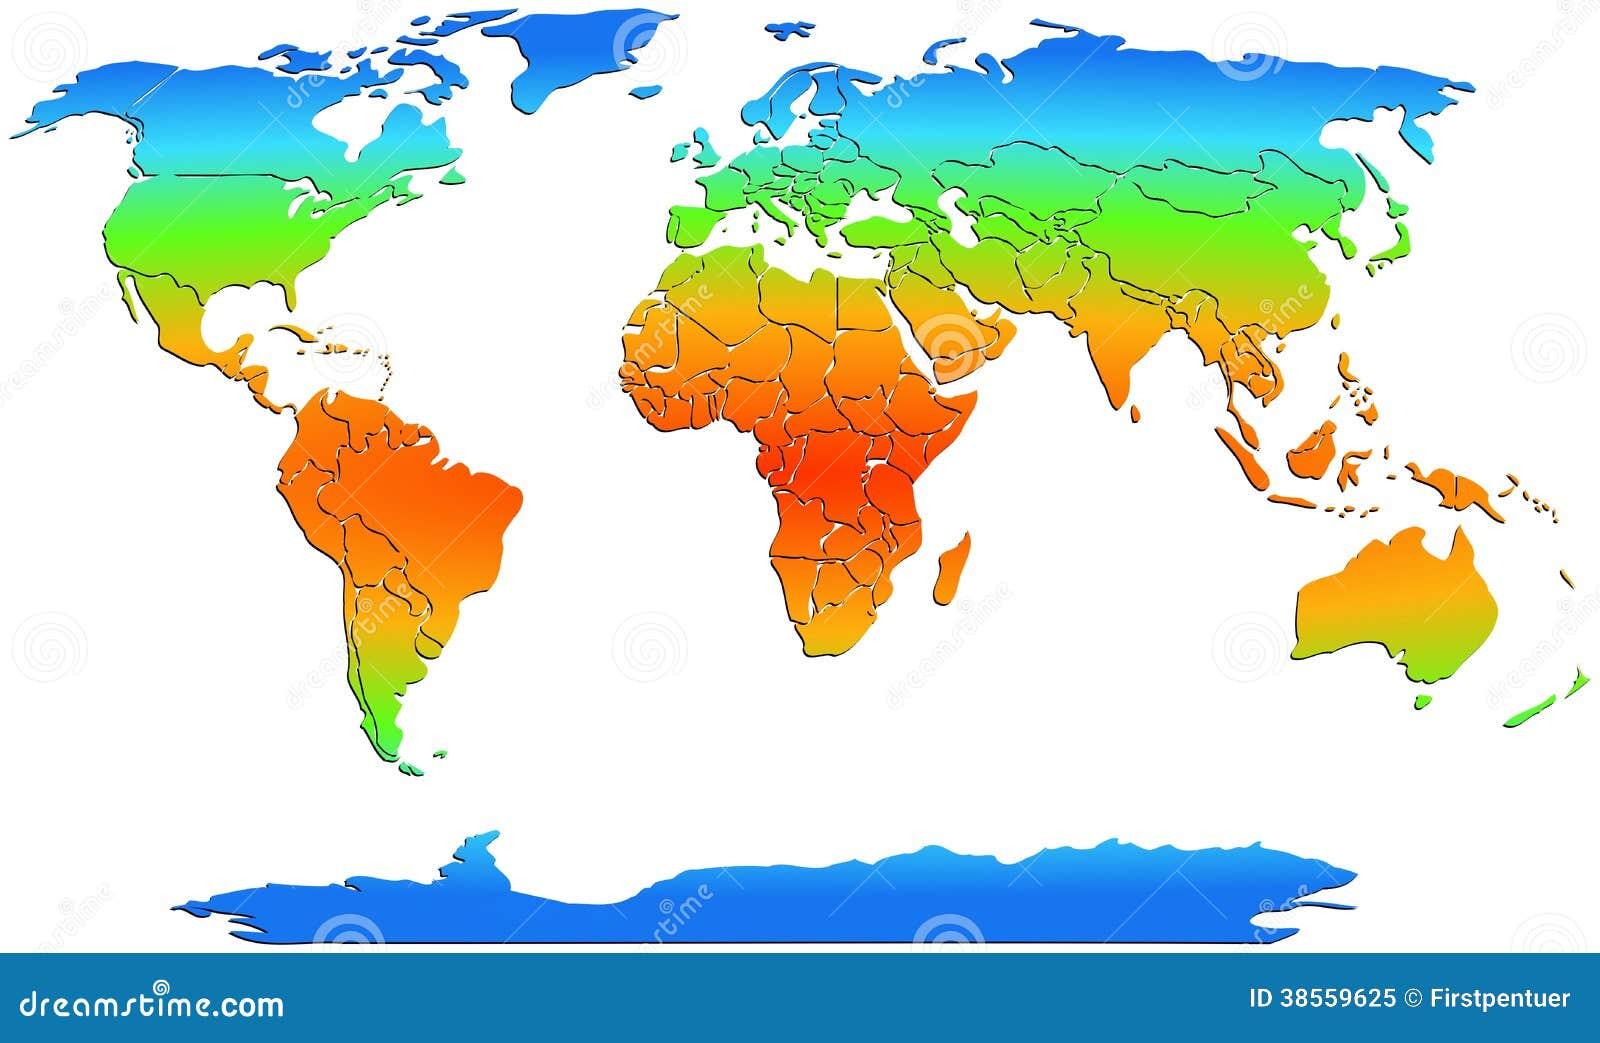 Weltkarte farbige kontinente auf wei lizenzfreies - Weltkarte mit fotos ...